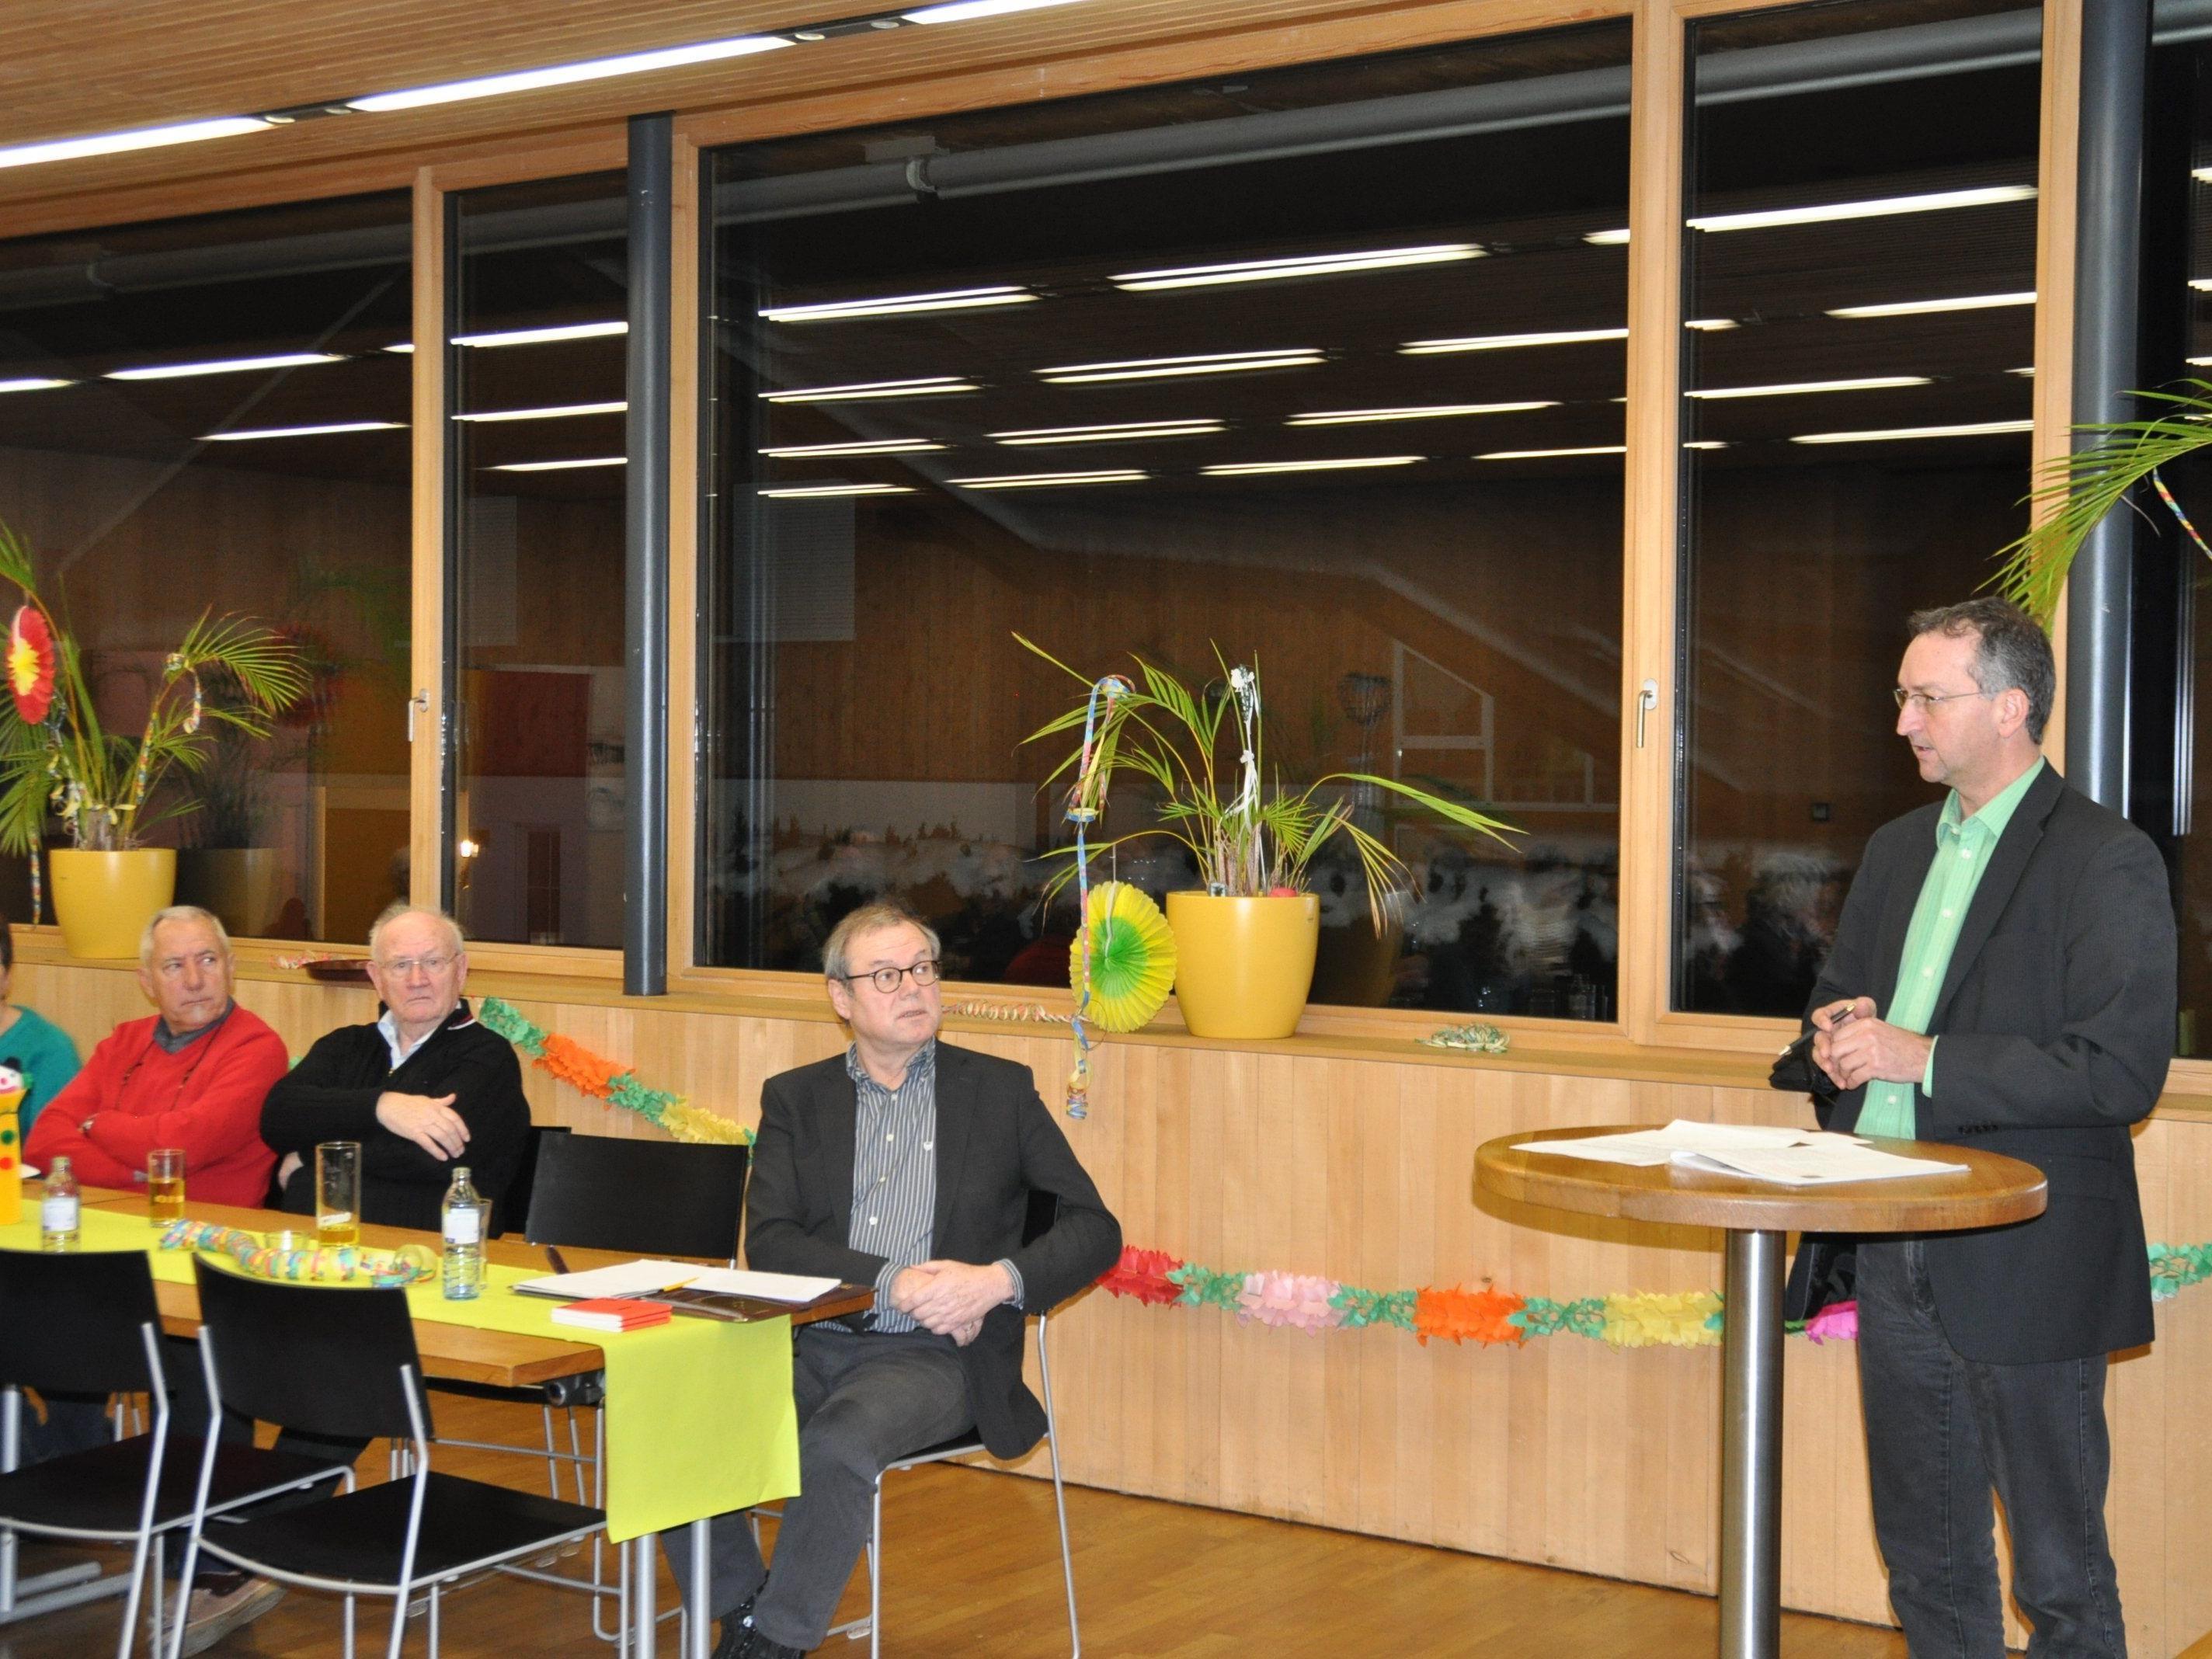 33.Jahreshauptversammlung des Gesundheits- und Krankenpflegeverein Ludesch